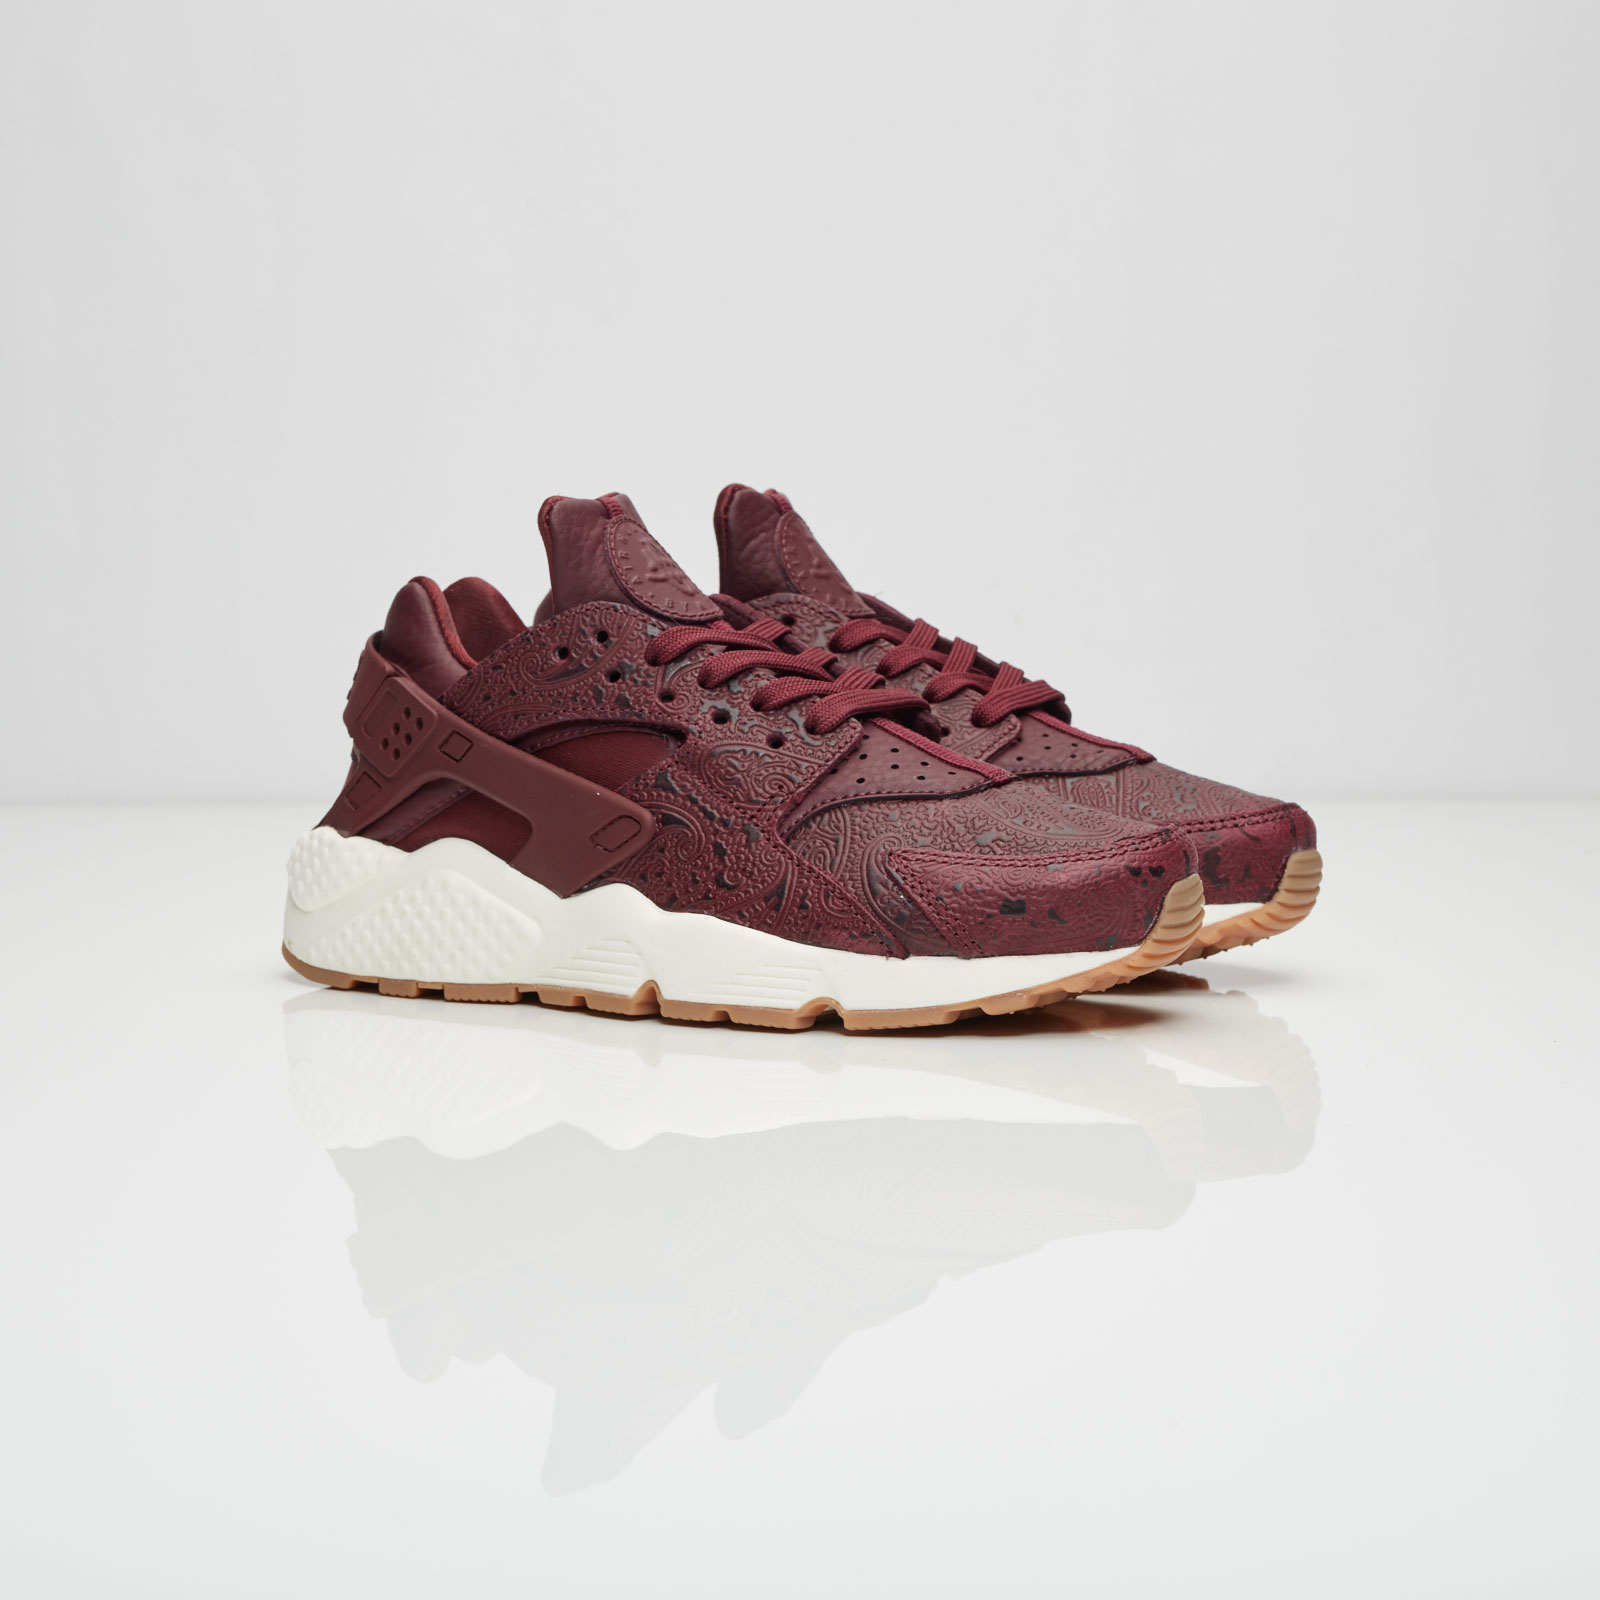 966099b0a2 Nike Wmns Air Huarache Run Premium - 683818-600 - Sneakersnstuff ...